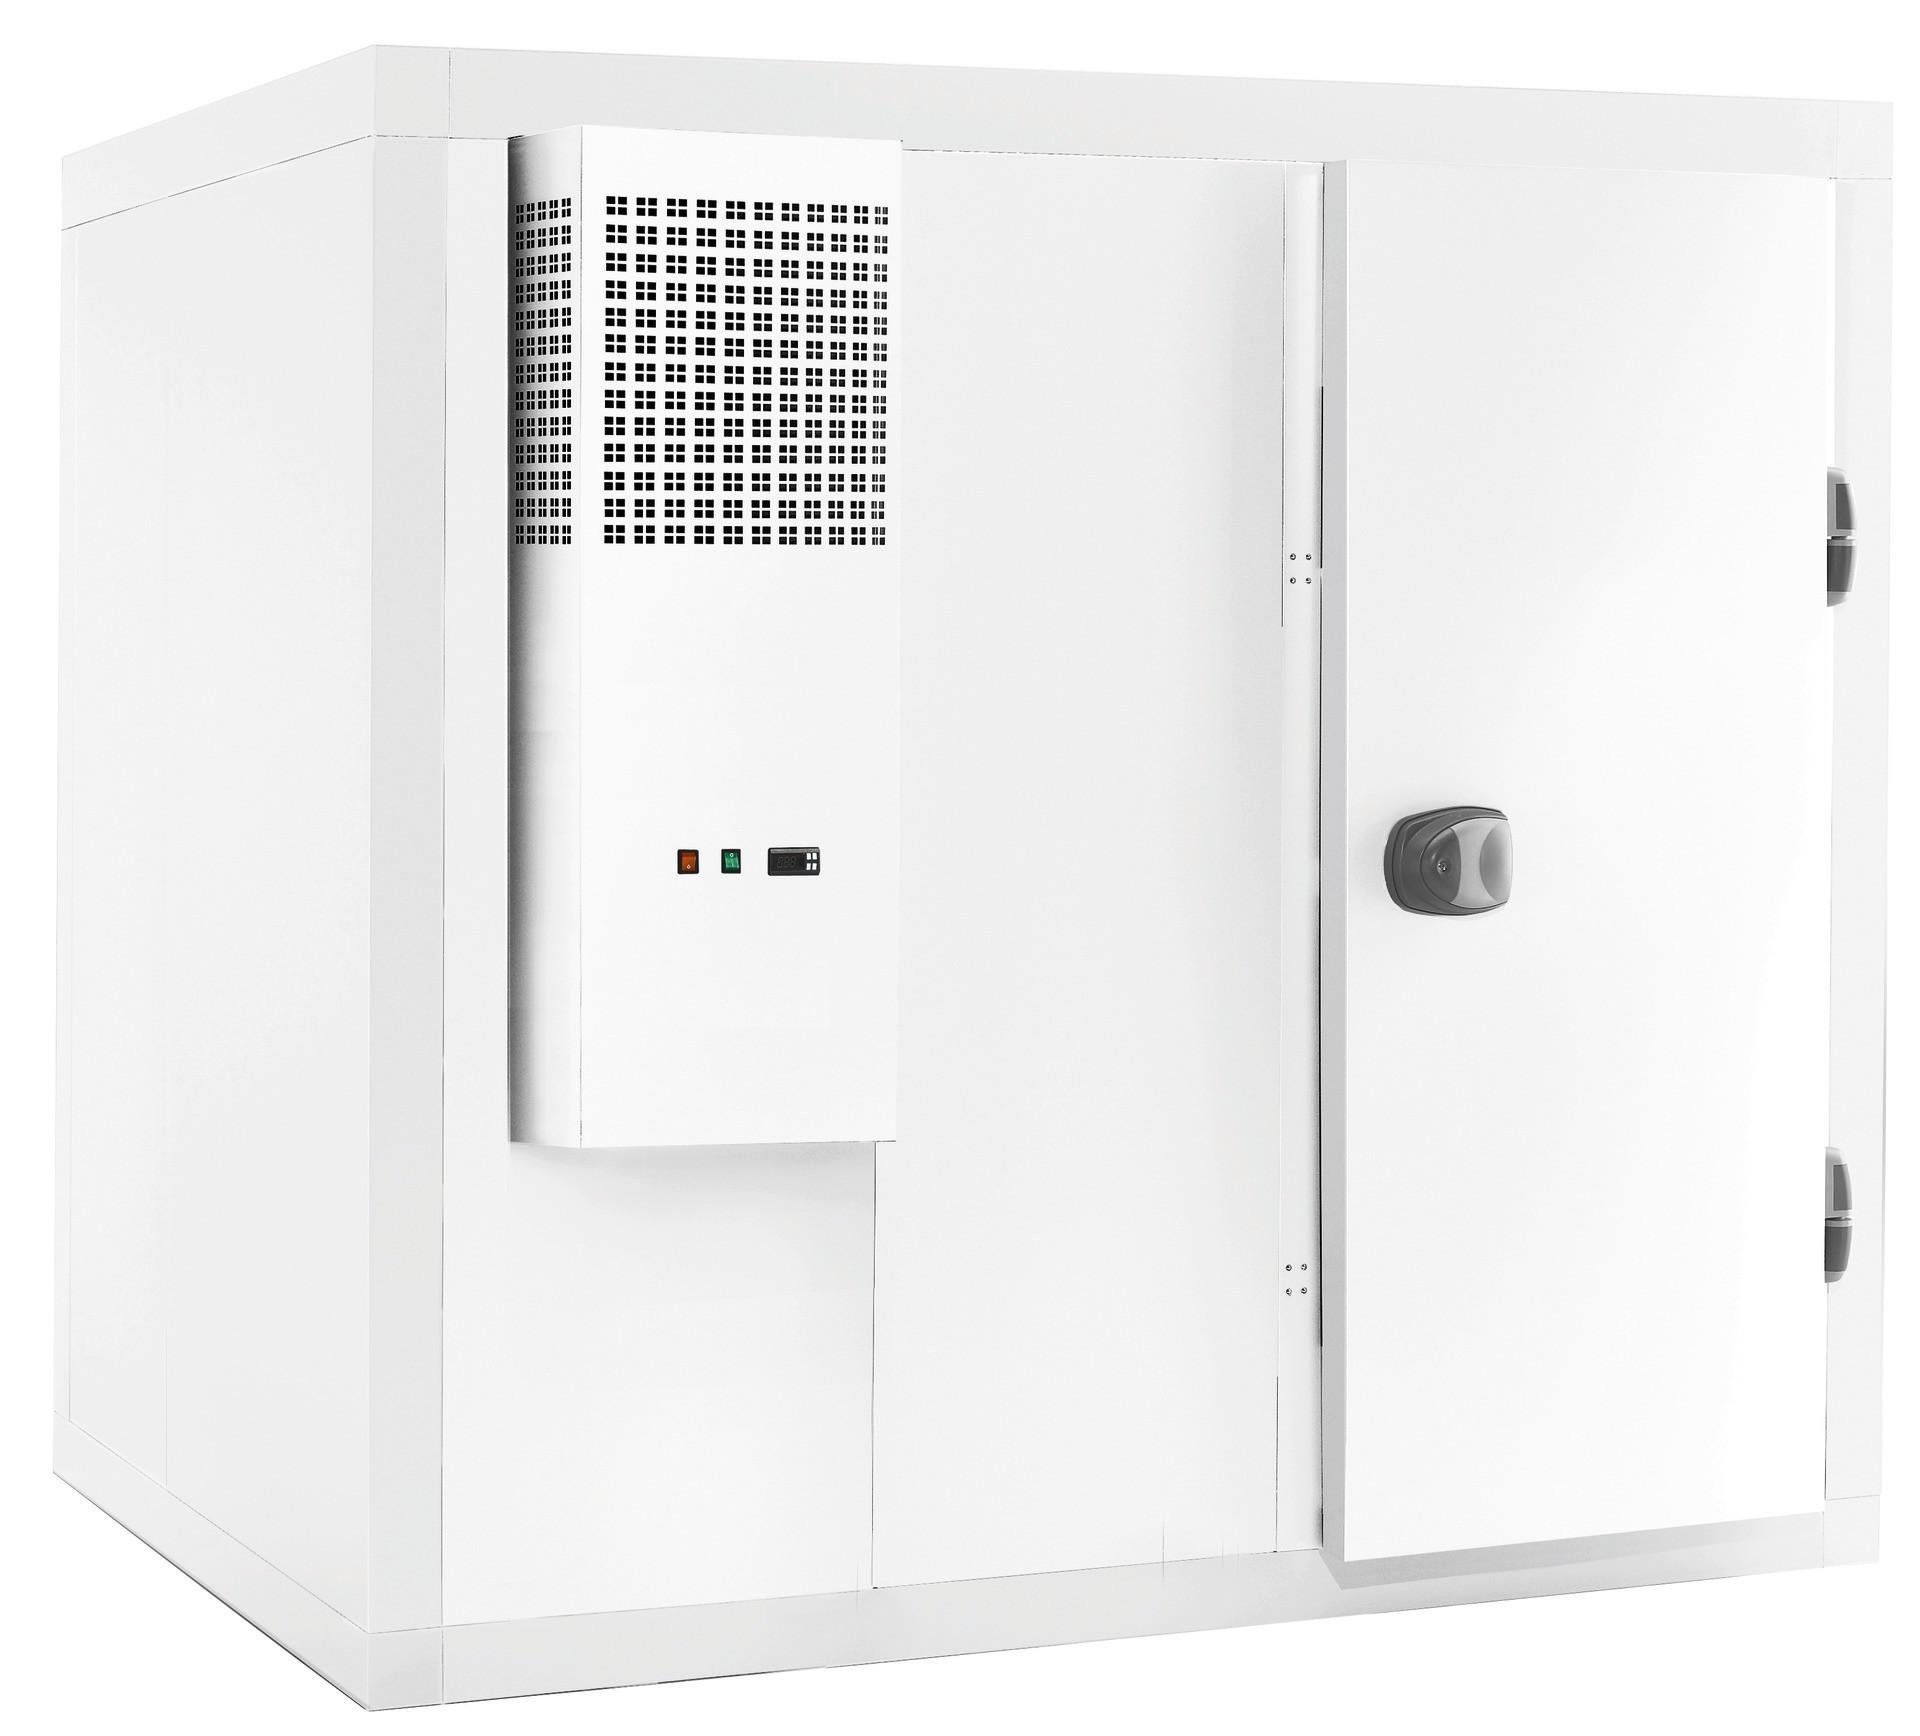 Kühlaggregat für Kühlzelle 661040, 661042